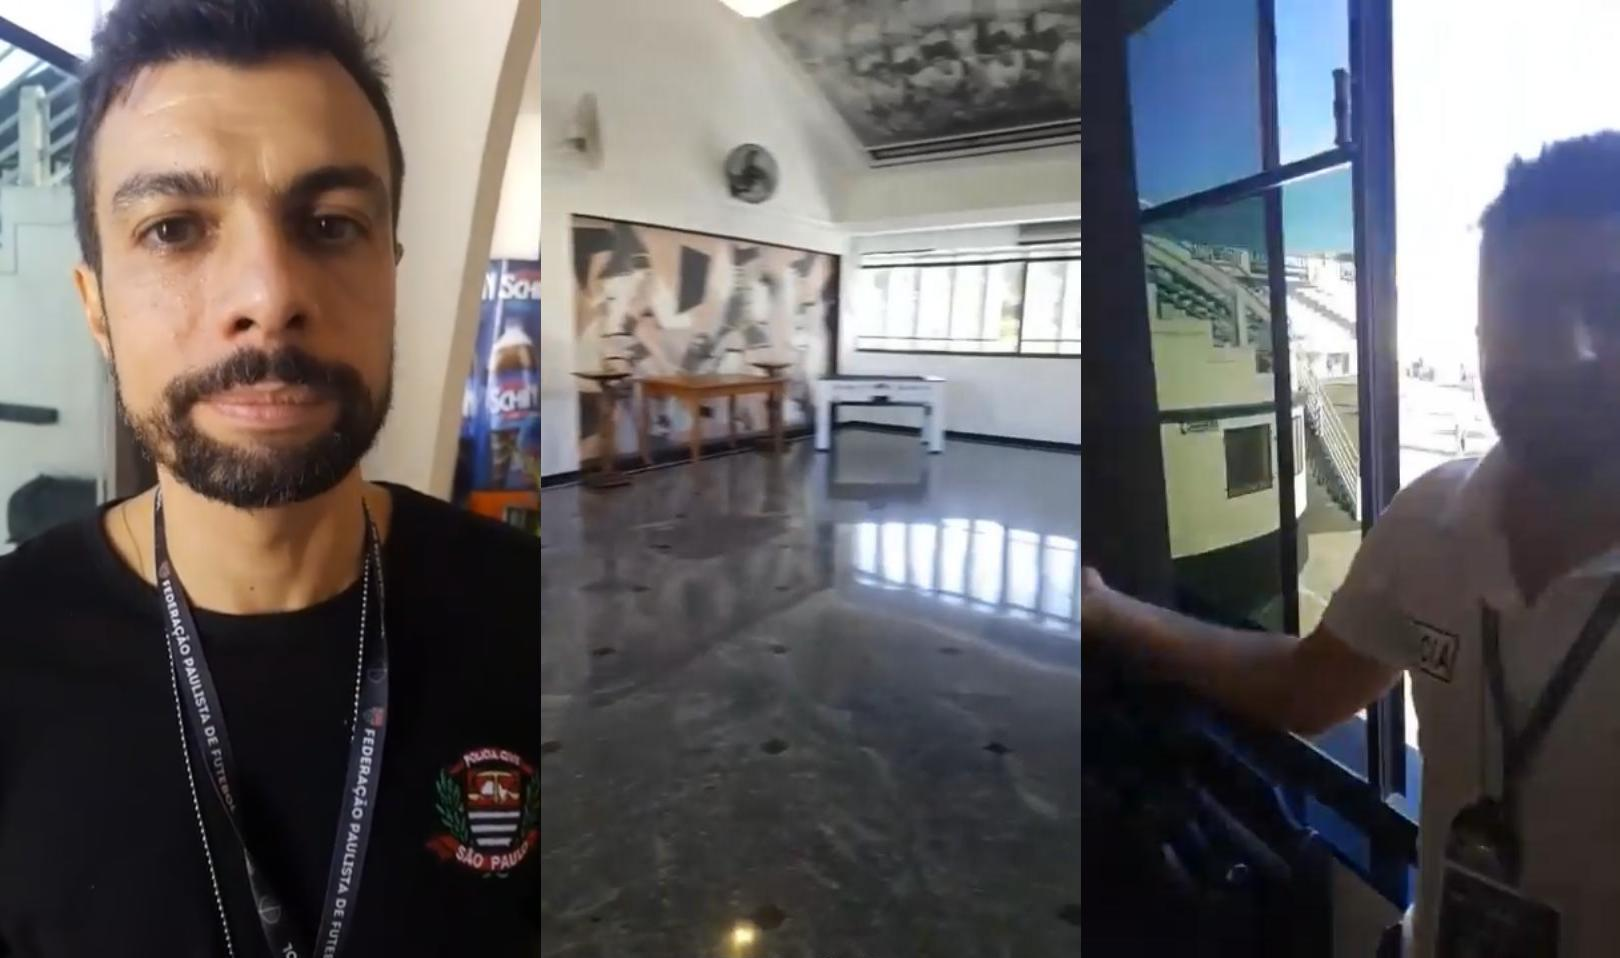 Sala De Trofeus Da Ponte Preta.Policiais Civis Zombam Da Sala De Trofeus Da Ponte Preta E